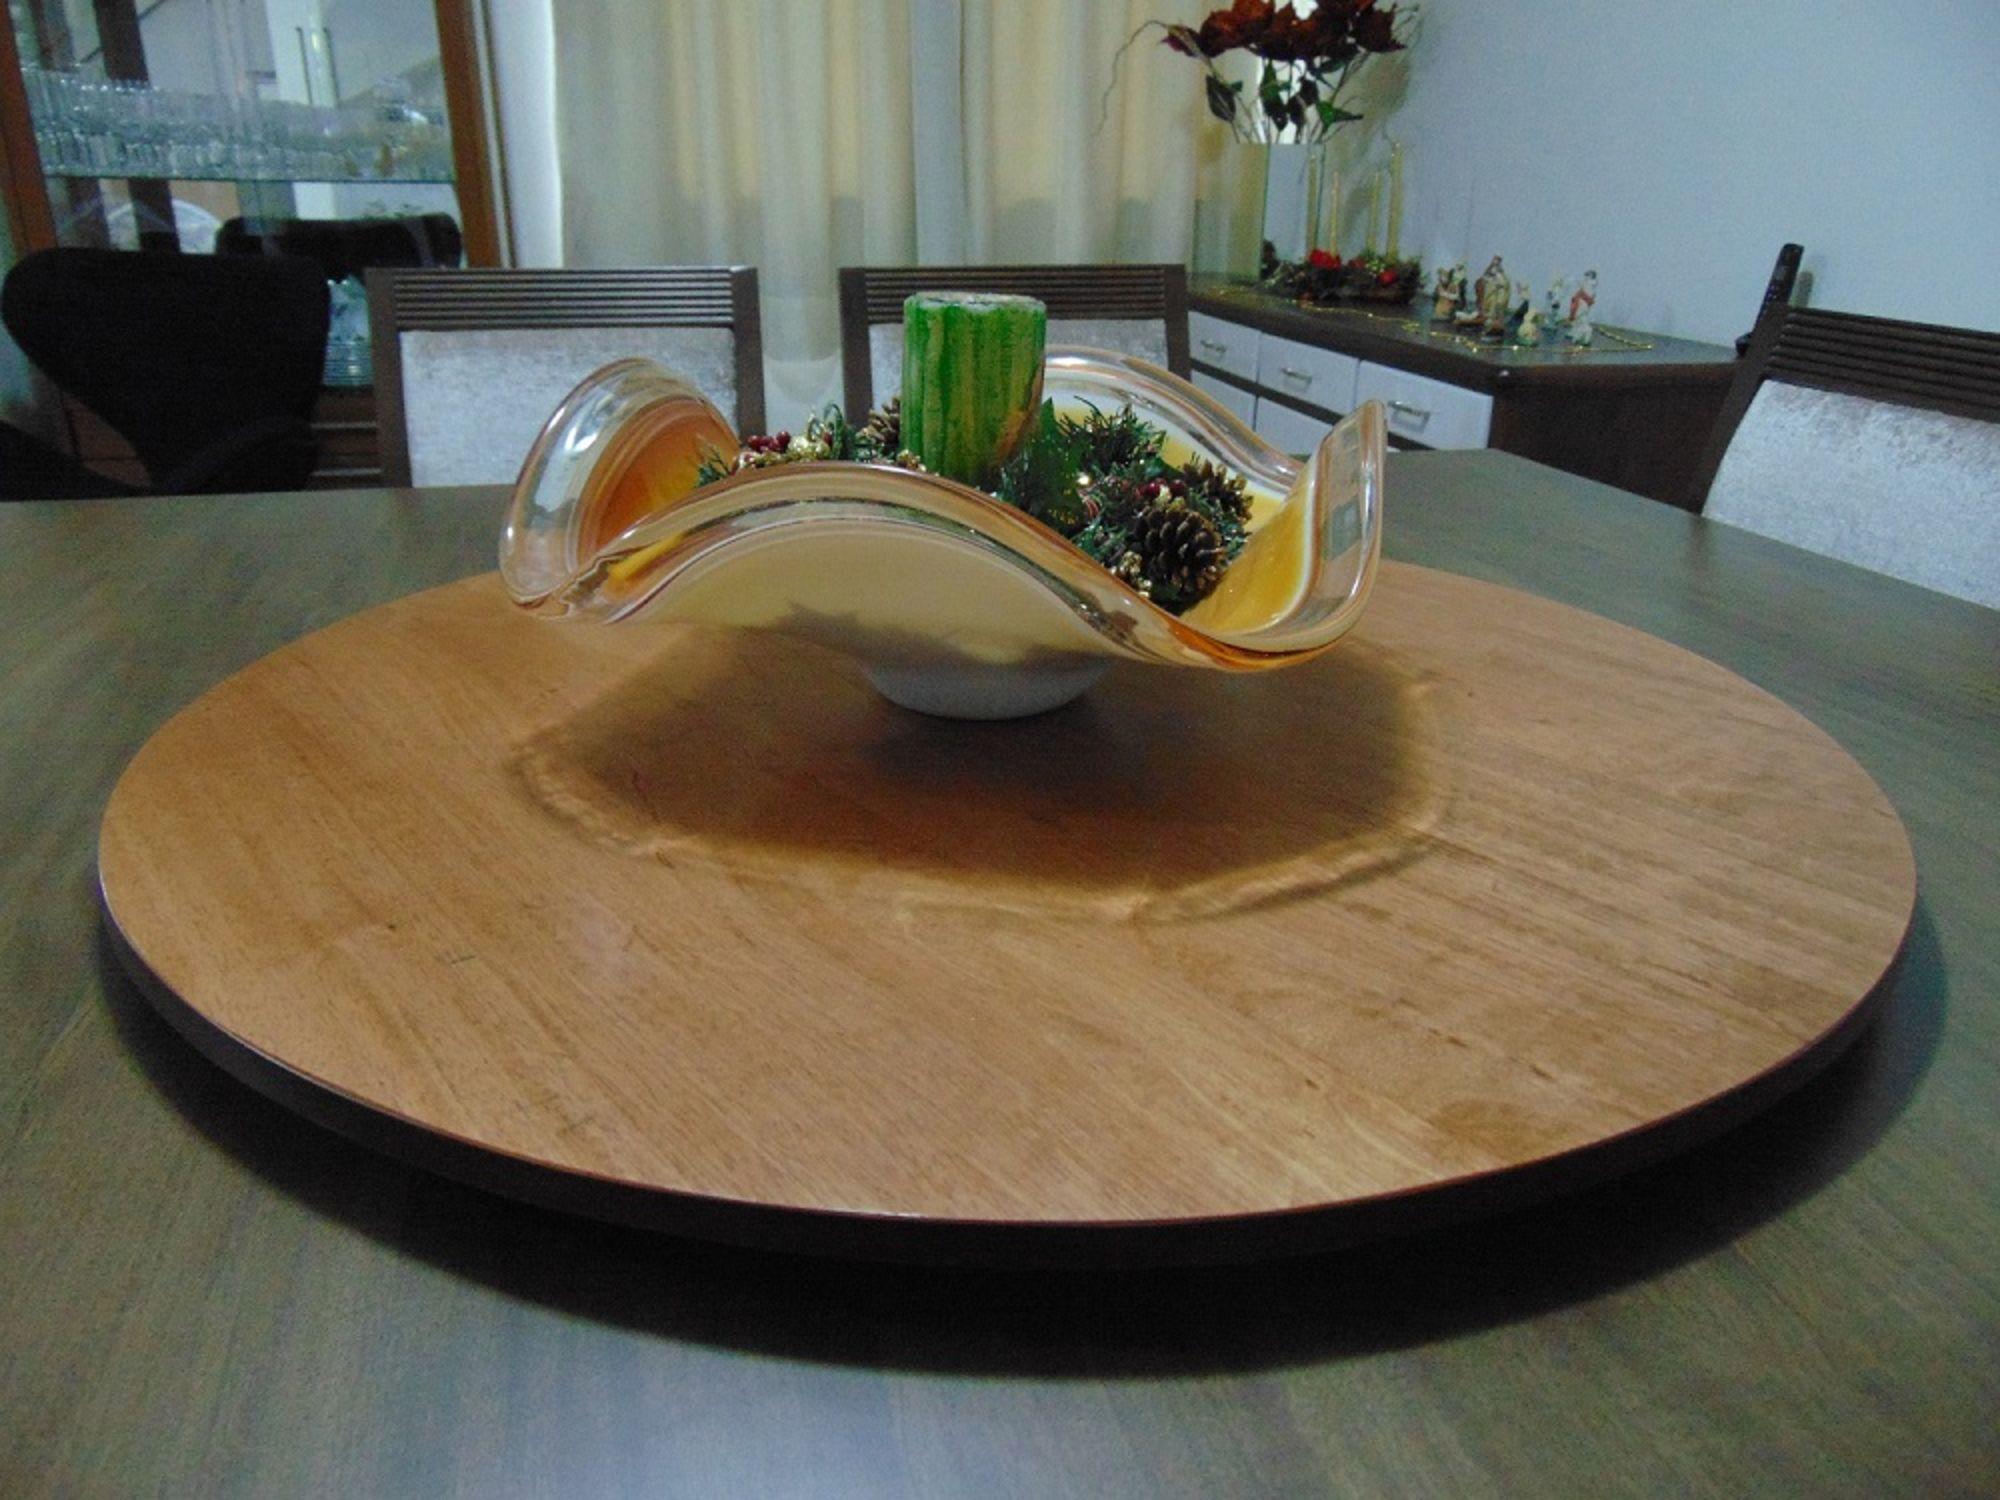 Prato Giratório Decorativo para Mesa na Sala de Jantar 80cm